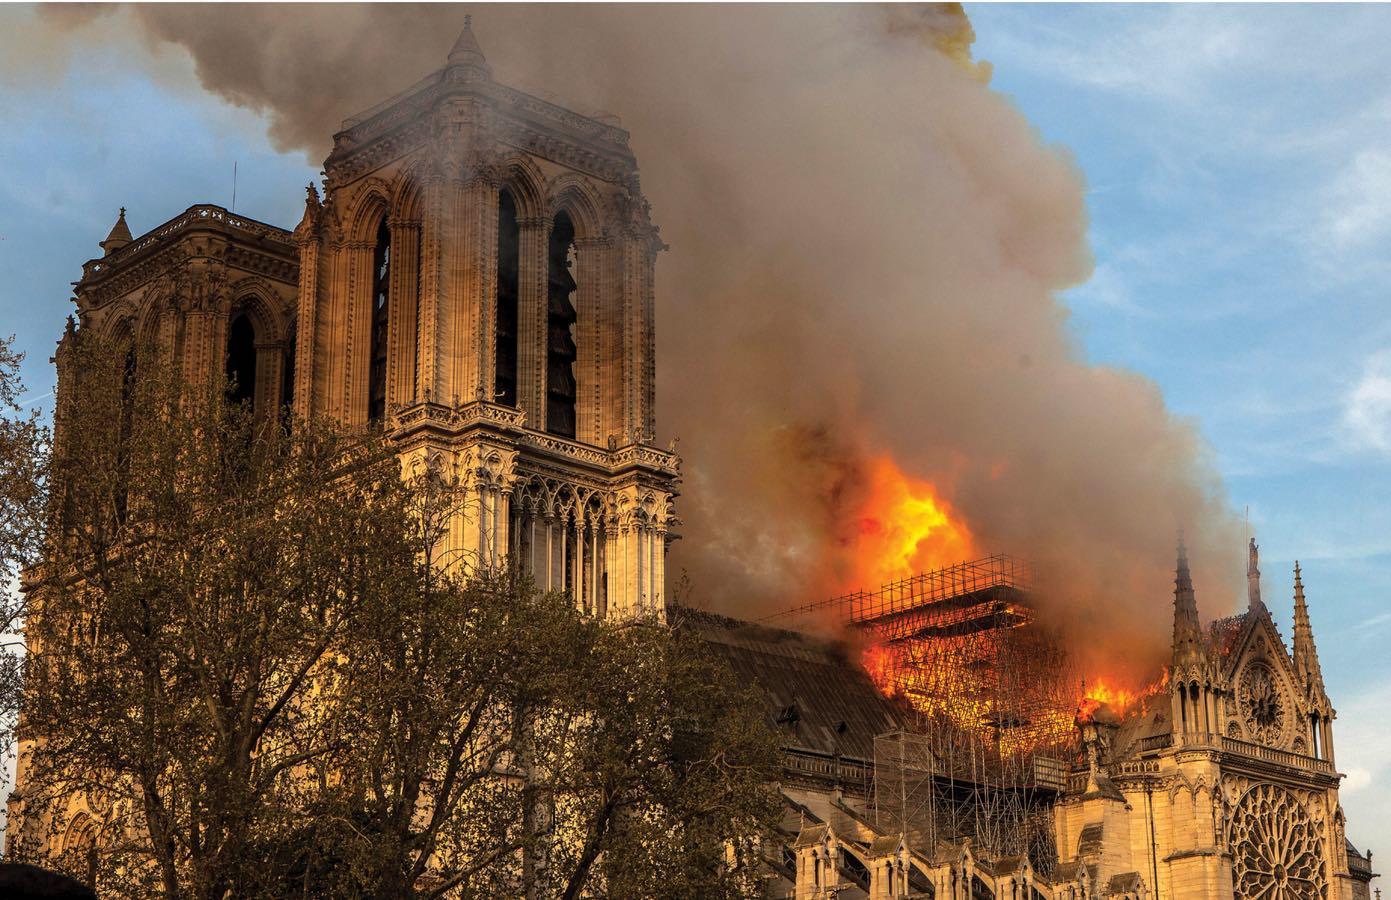 La ricostruzione di Notre-Dame di Parigi: visita al cantiere